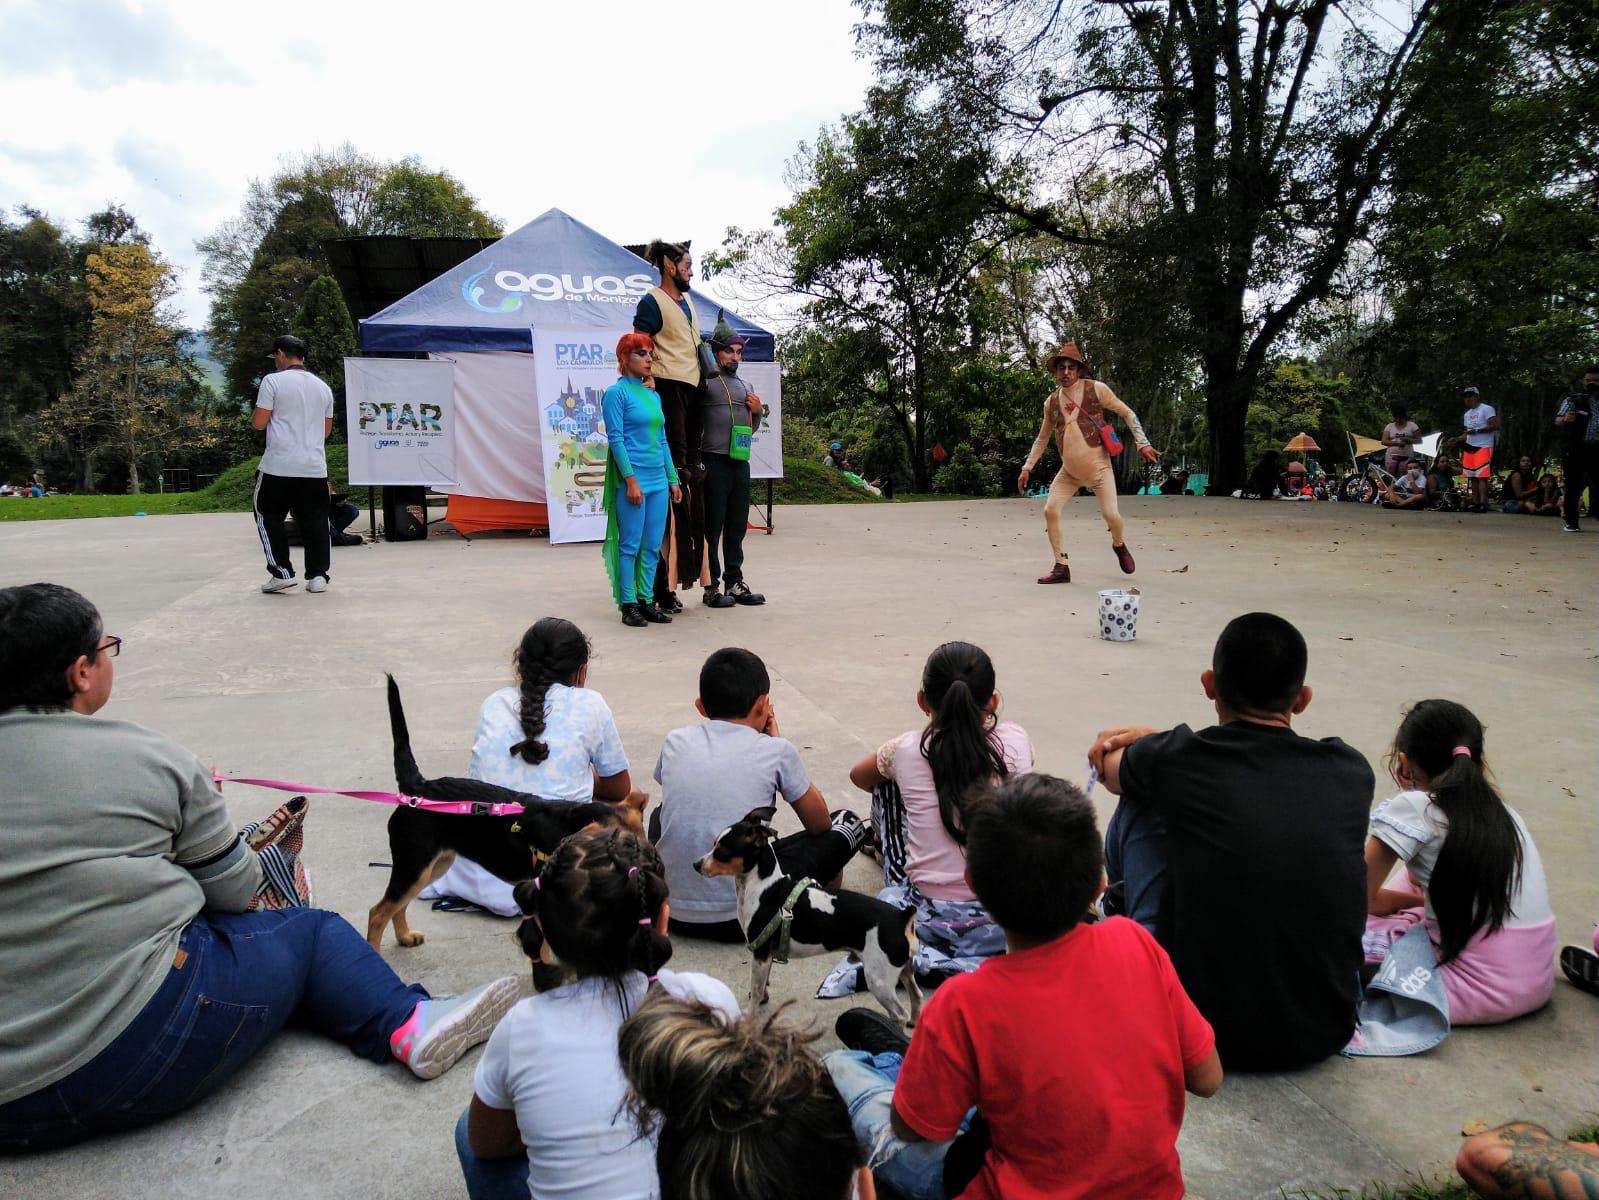 obra de teatro 'Un regalo para el río Chinchiná' como estrategia de socialización del proyecto con la comunidad